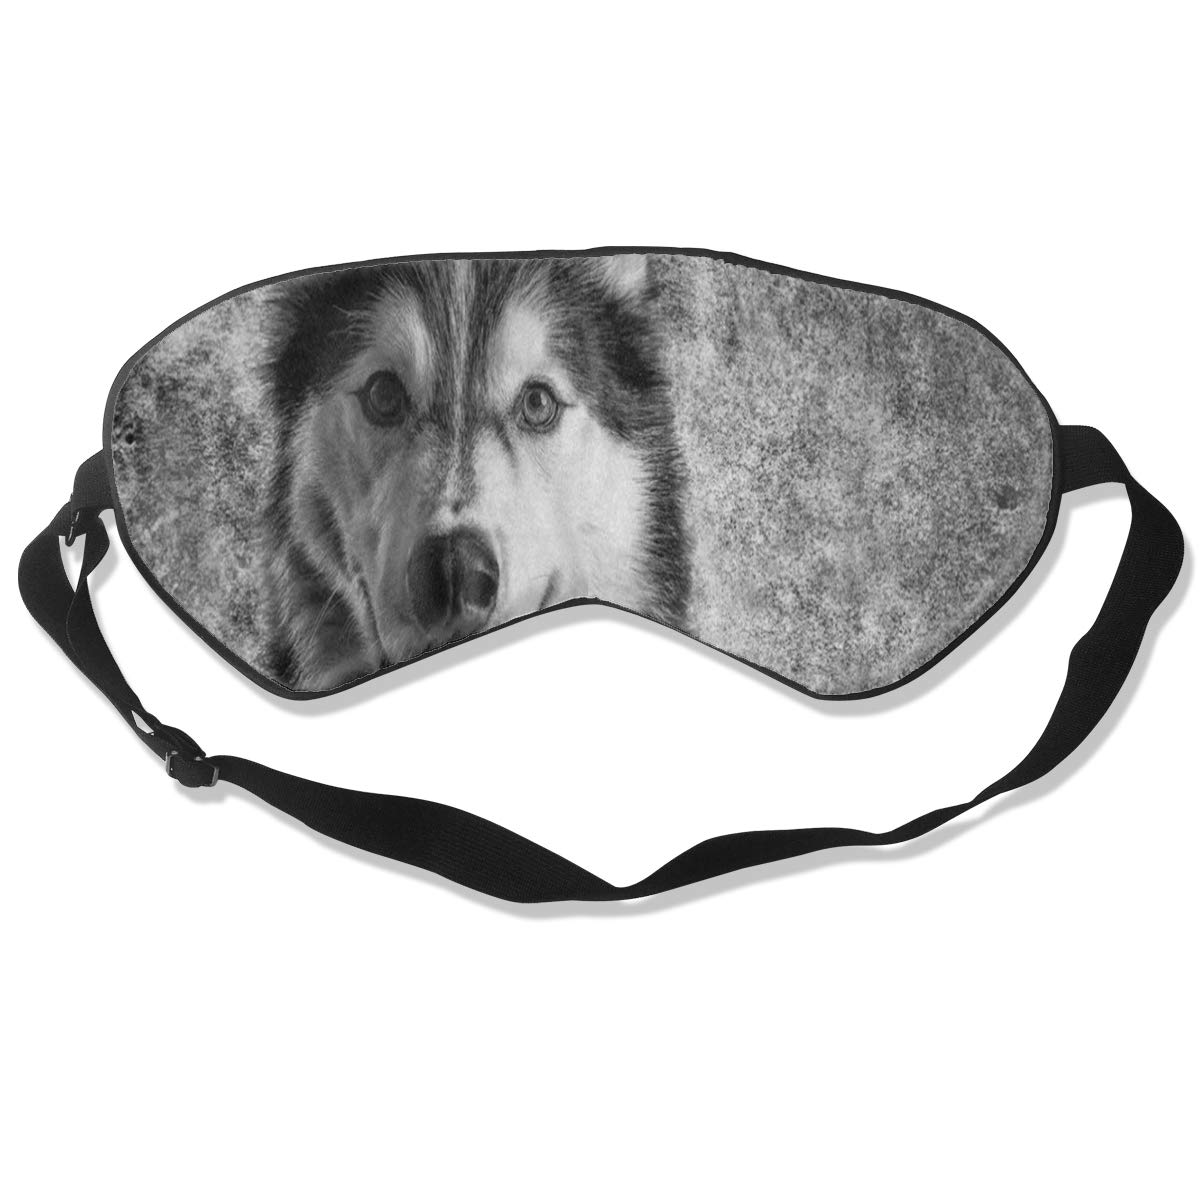 All agree スリープマスク ヴィンテージ ウルフ 犬 レトロ アイマスクカバー 調節可能なストラップアイシェード 旅行 ナップ 瞑想 目隠し用 One Size 色1 B07K1NQKRV